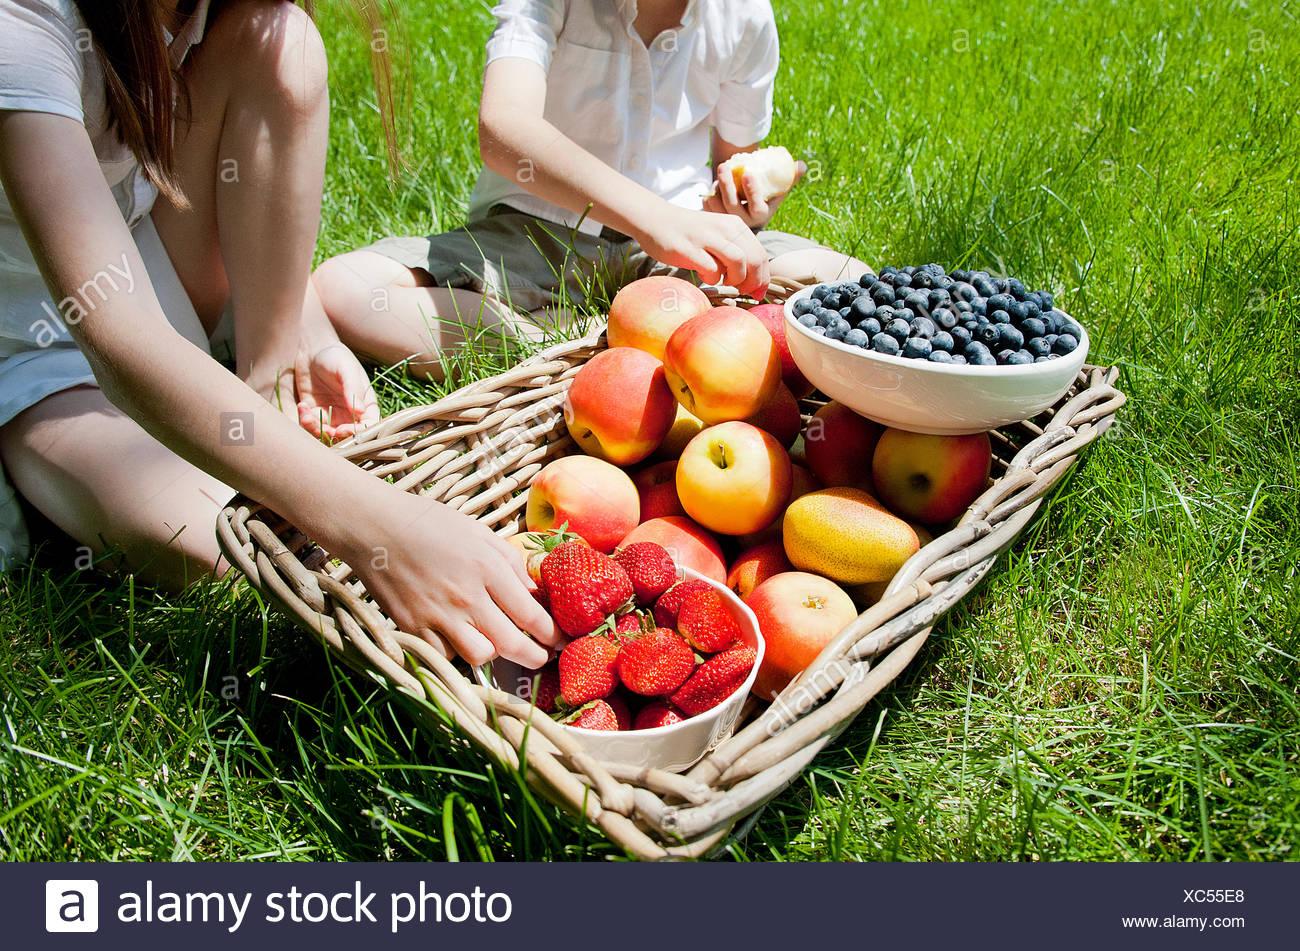 Vista ritagliata di fratelli e sorelle di mangiare la frutta dal cesto su erba Immagini Stock